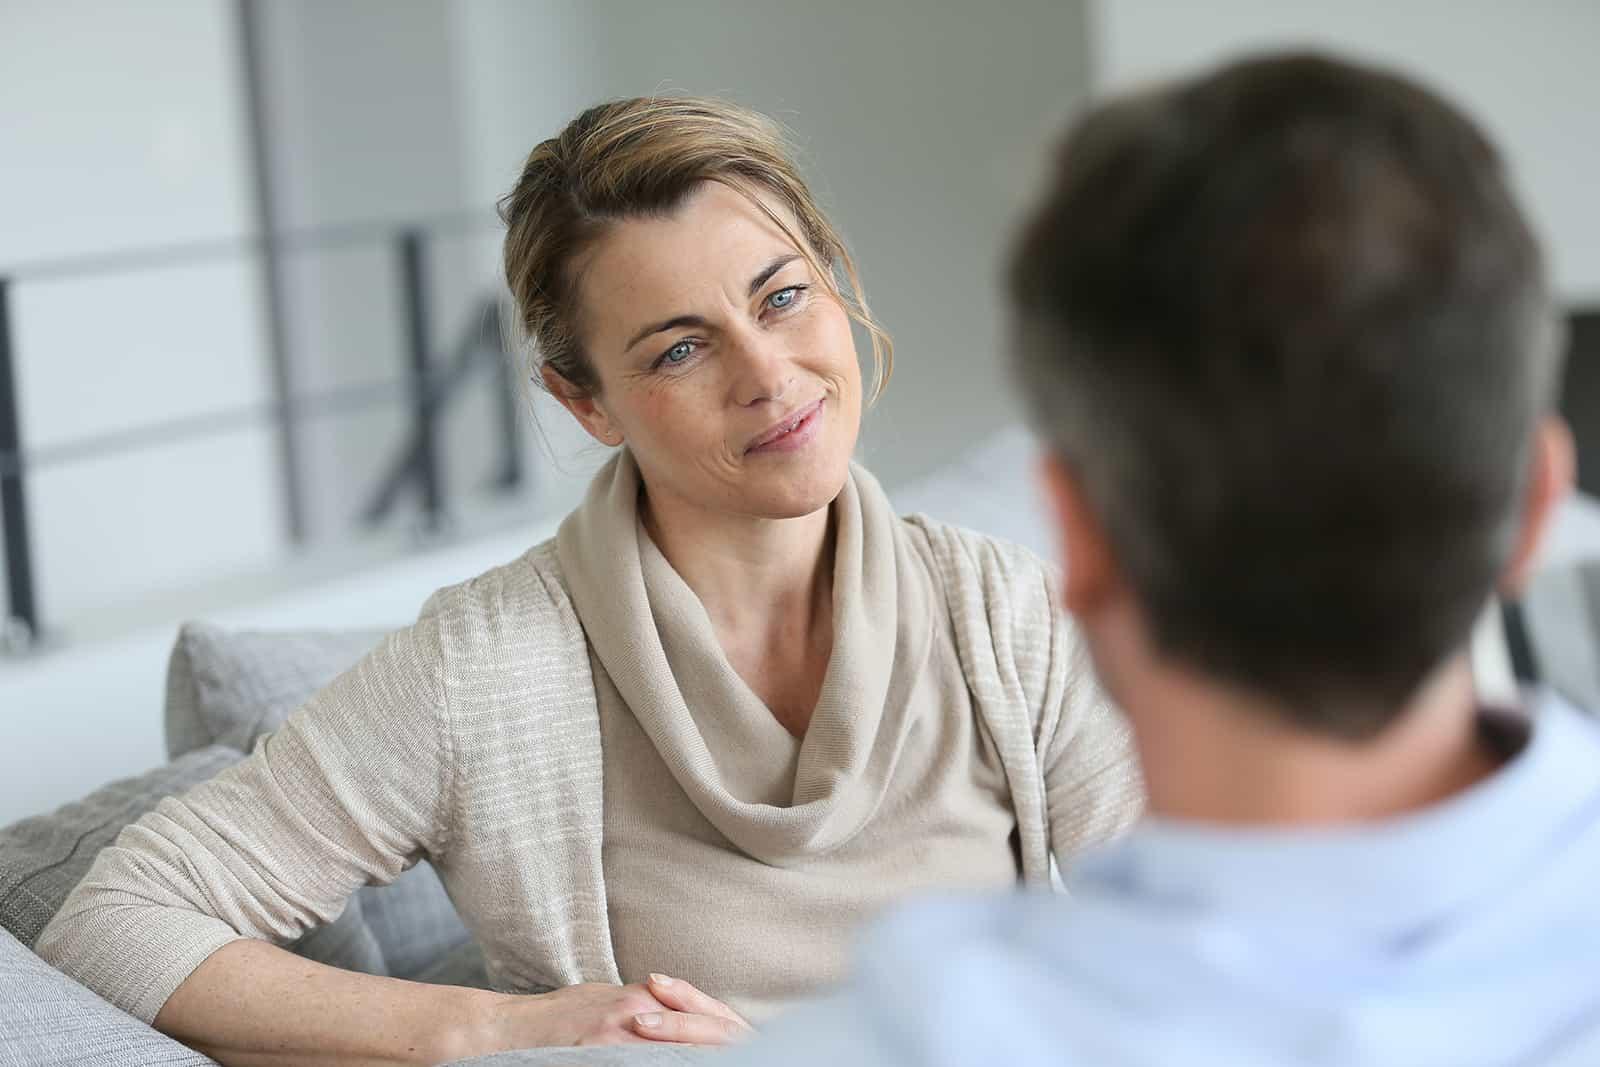 eine positive Frau, die einen Mann betrachtet, der mit ihr spricht, der auf der Couch sitzt